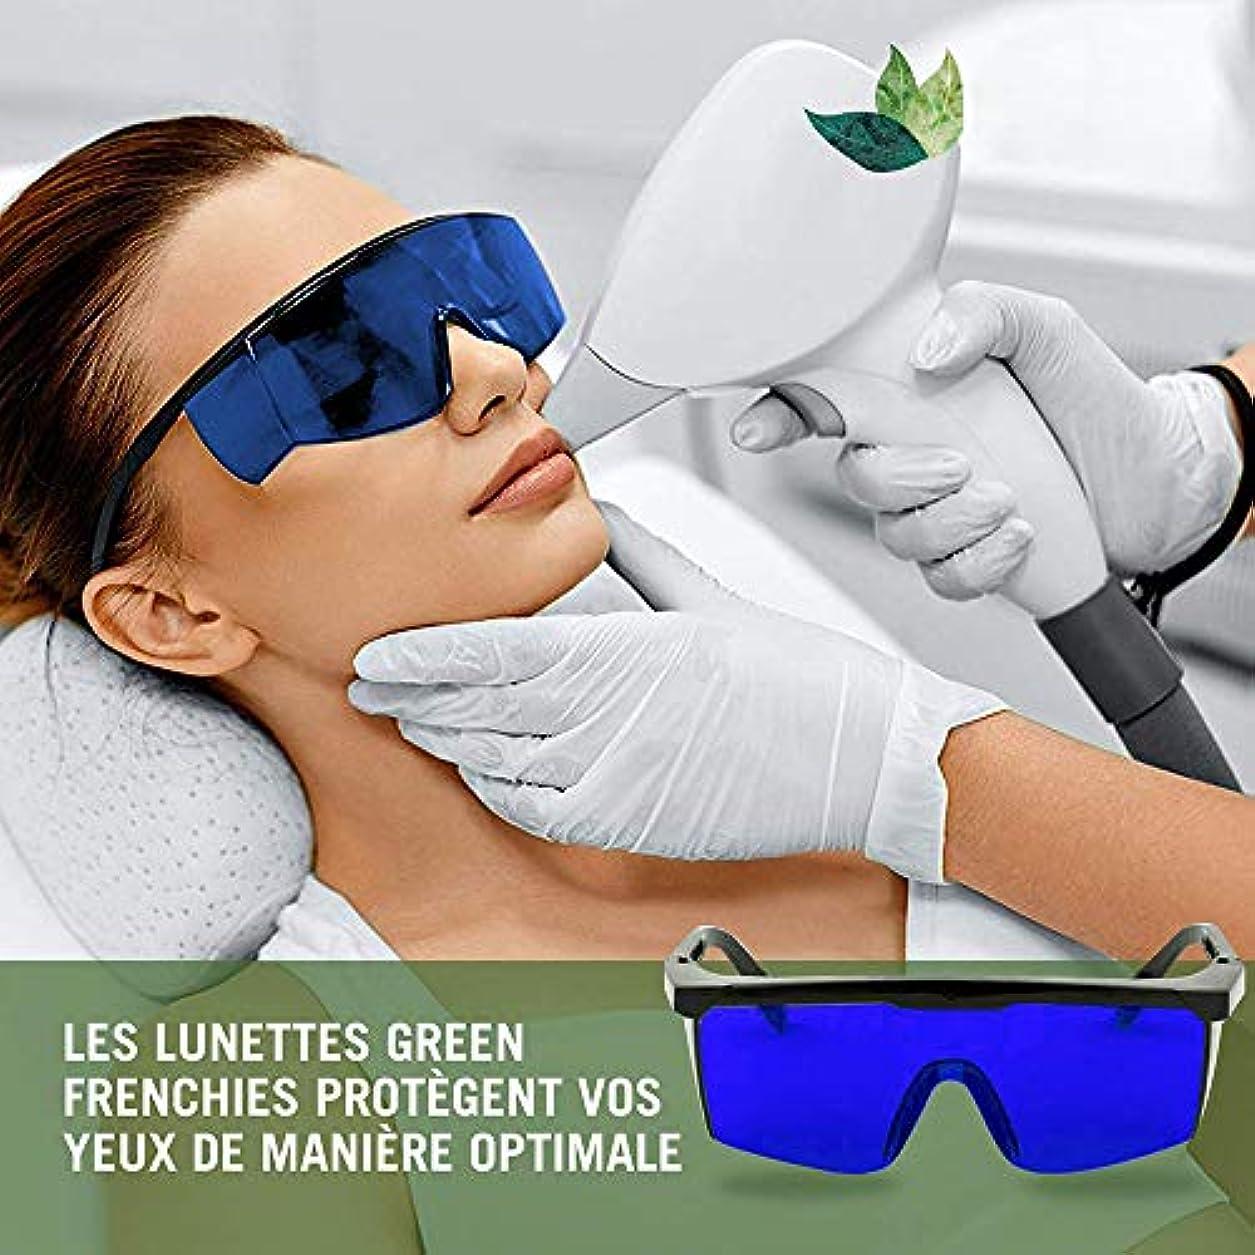 納得させる効能原理aomashangmao 2019レーザー脱毛およびパルス光用保護メガネ